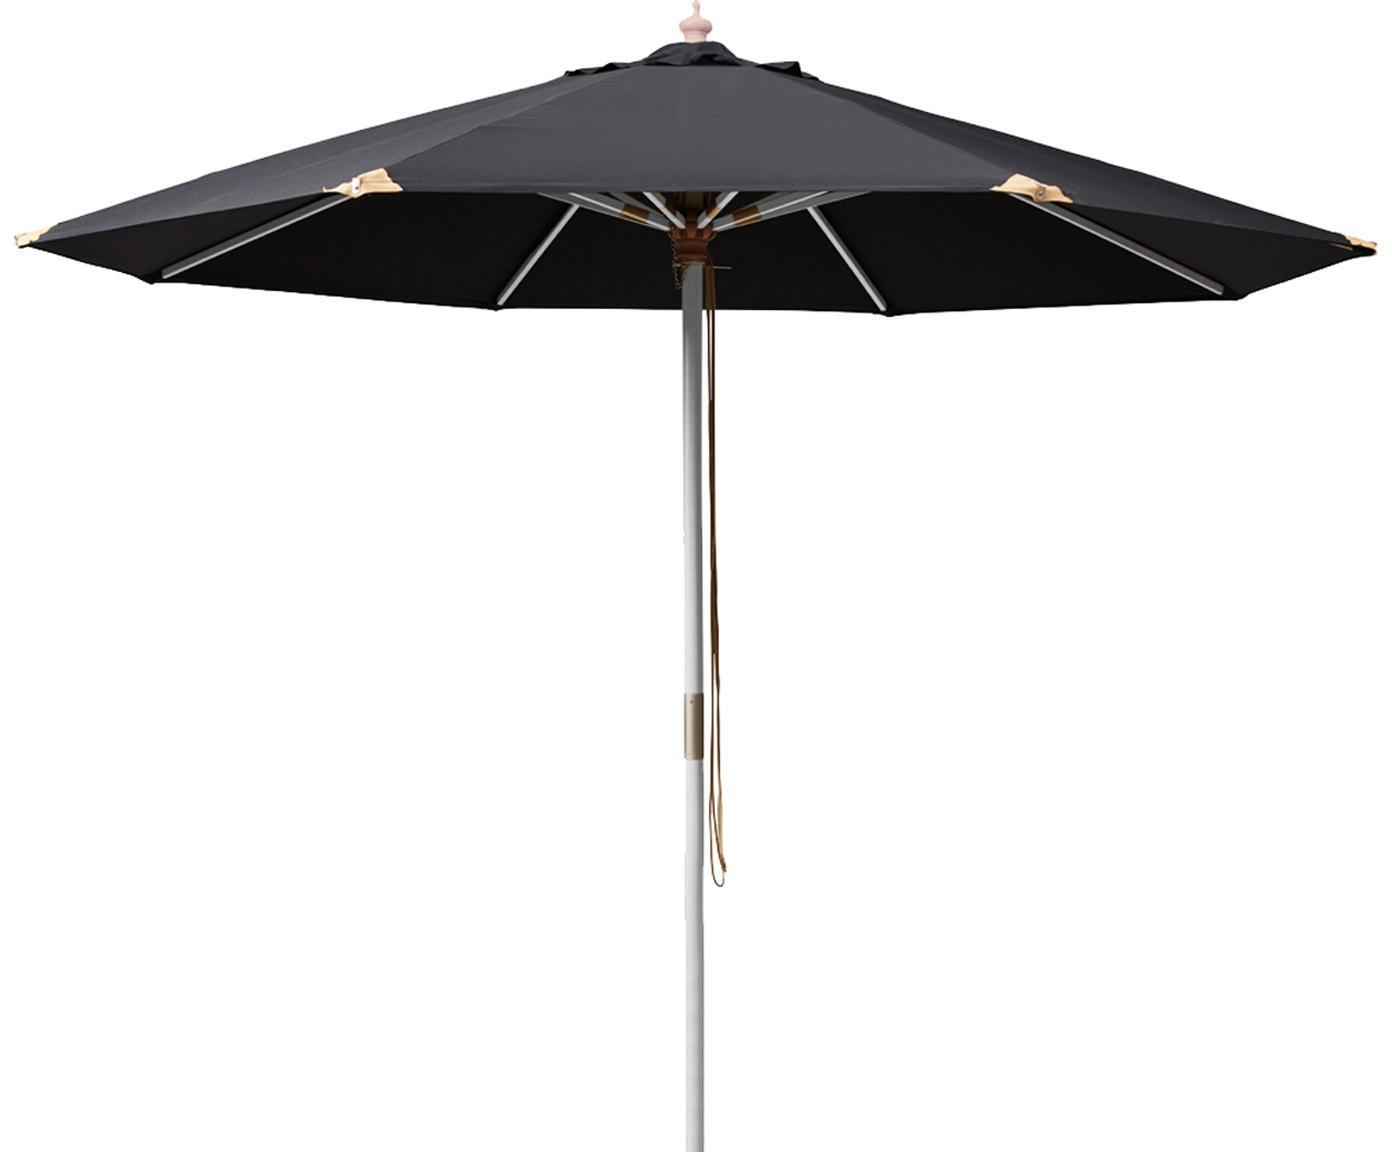 Parasol Capri, Wit gewassen, zwart, Ø 300 x H 265 cm